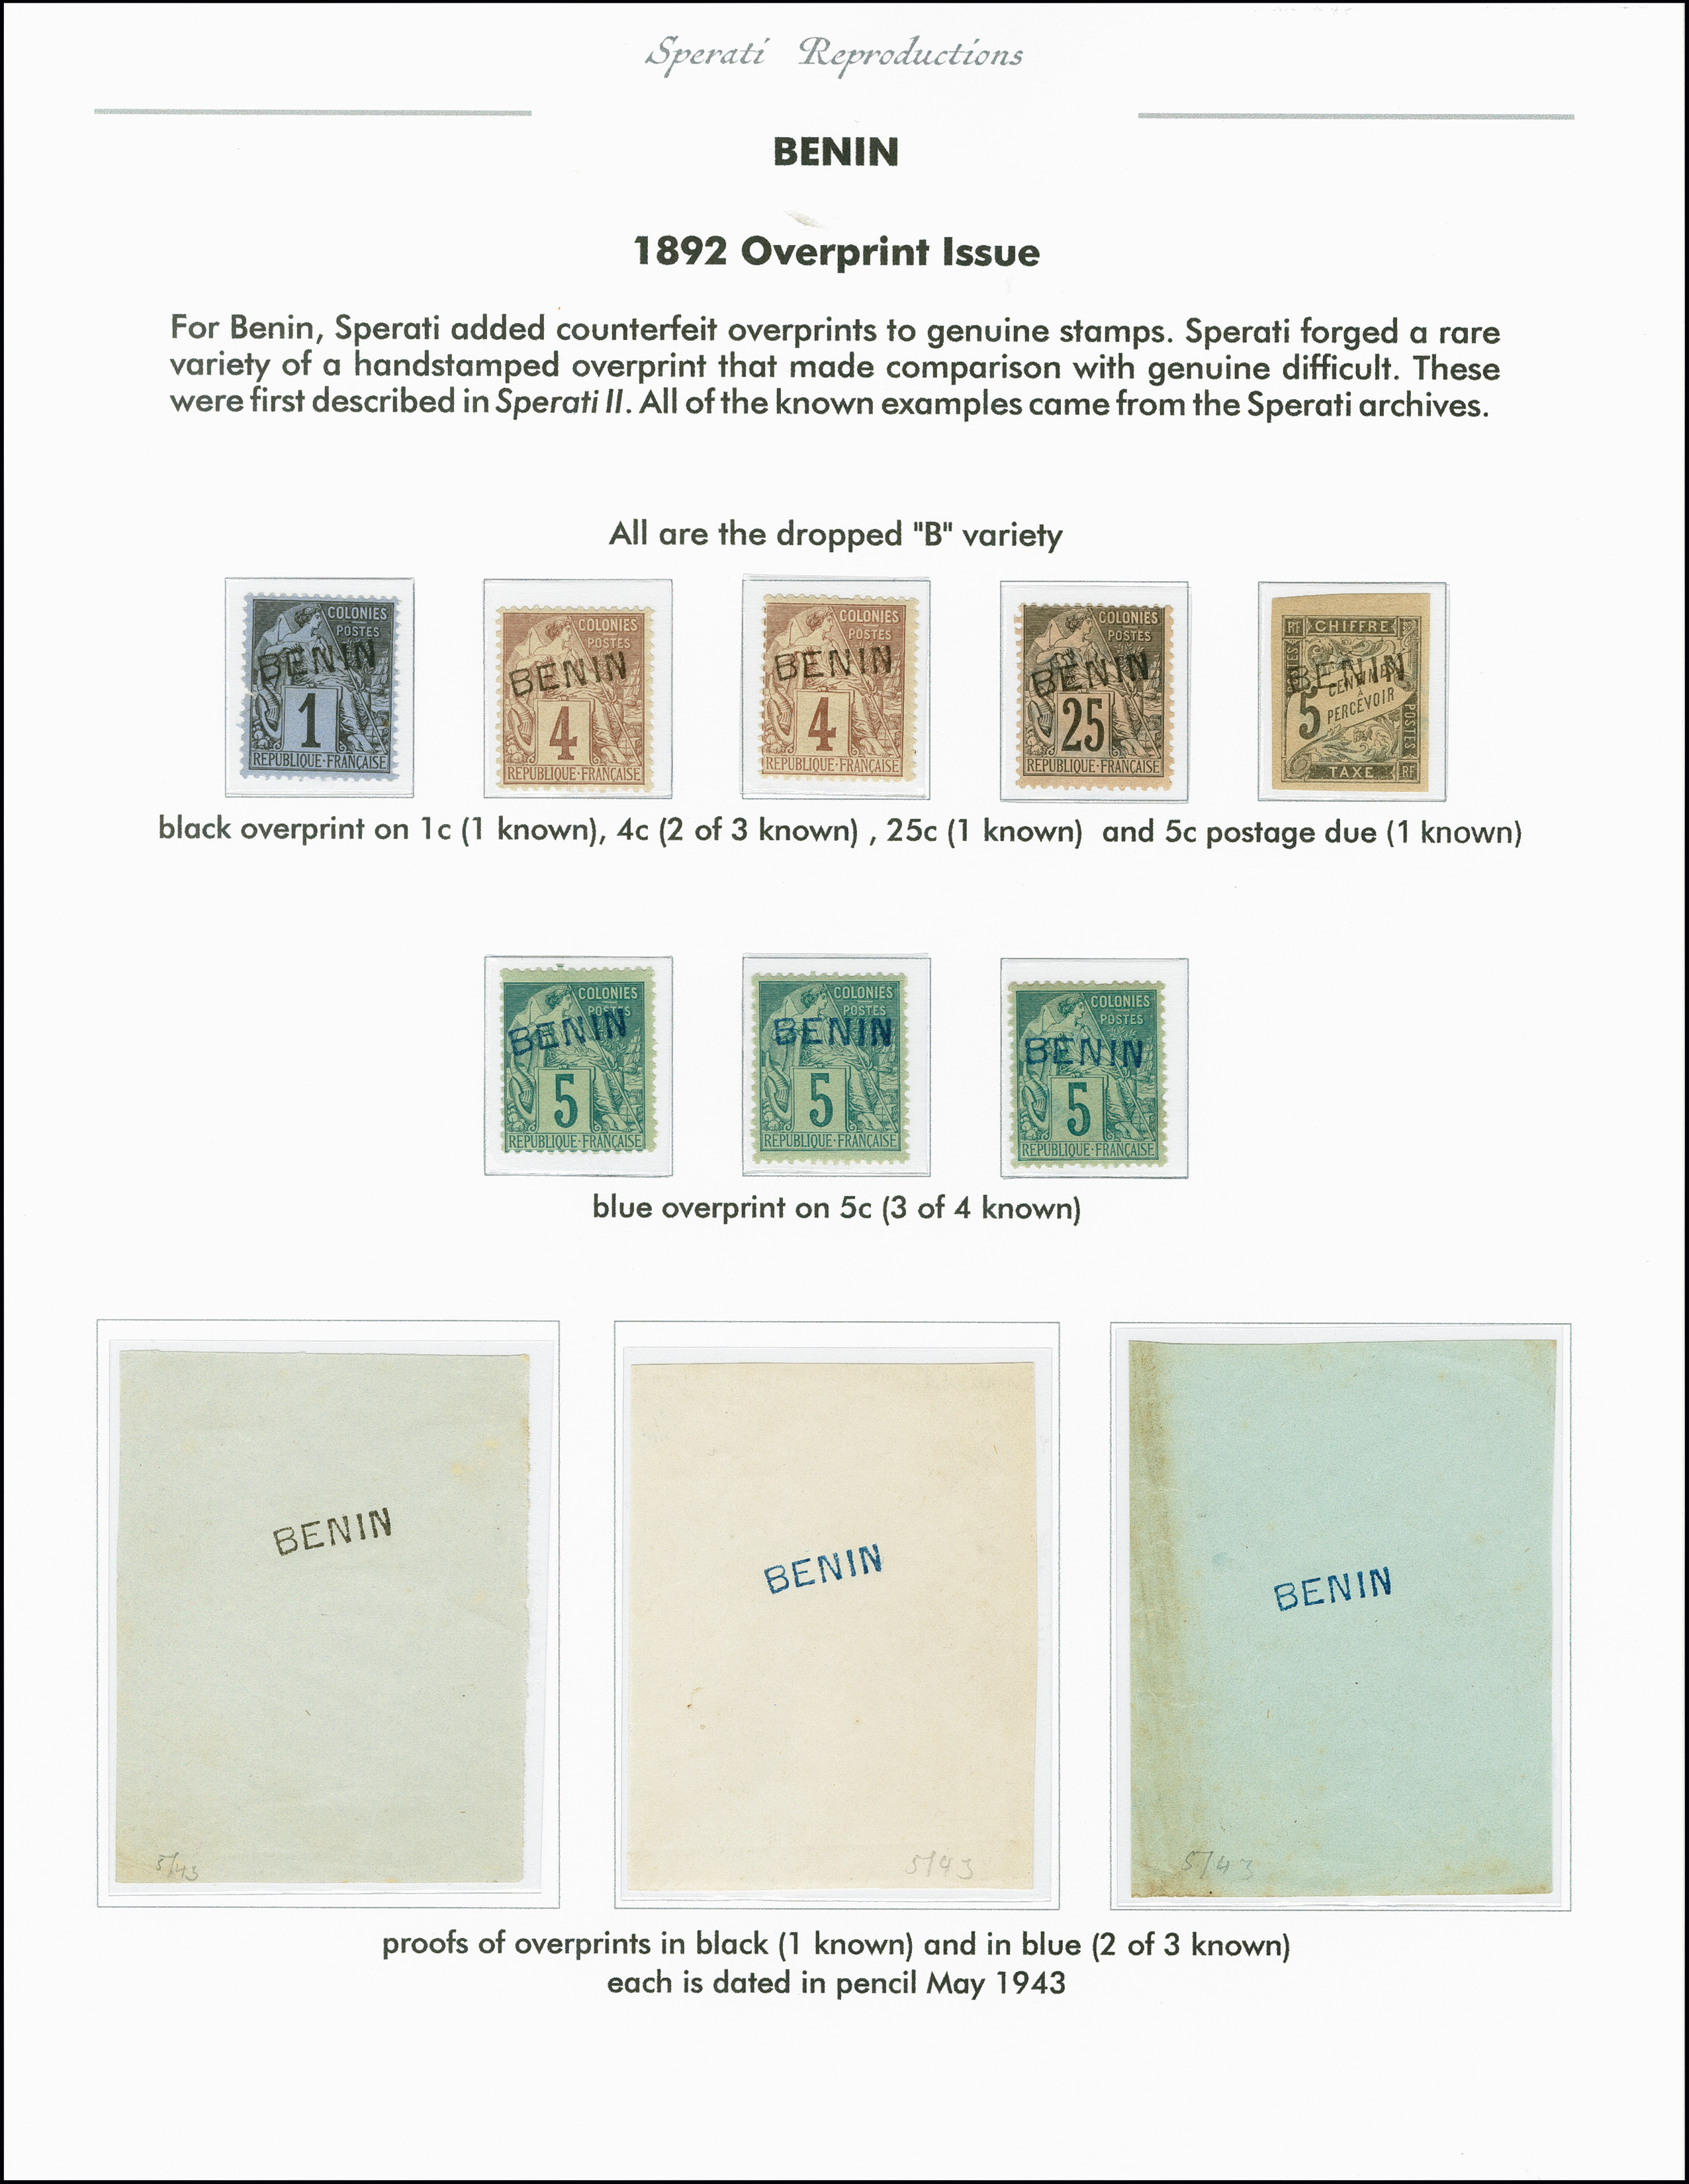 Lot 2201 - französische kolonien Benin -  Heinrich Koehler Auktionen 375rd Heinrich Köhler auction - Day 1